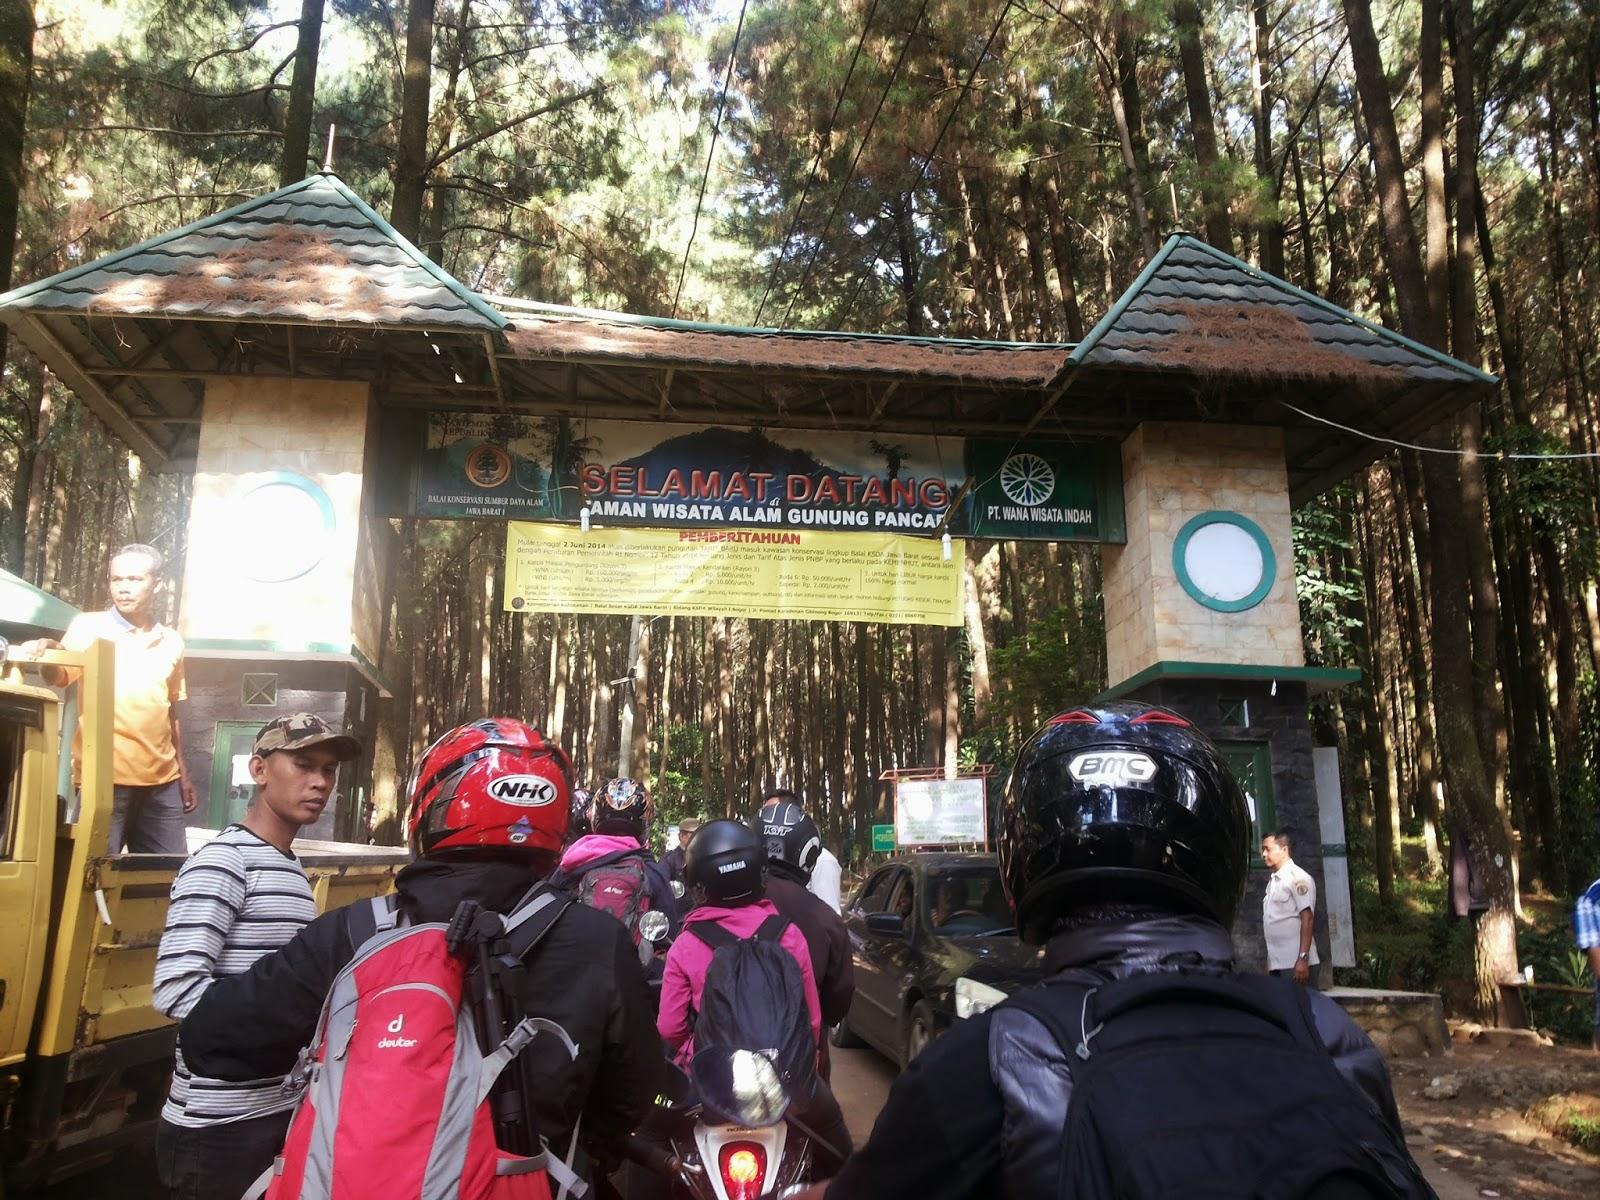 Lovely Kio Wisata Alam Gunung Pancar Gn Letaknya Kecamatan Citeureup